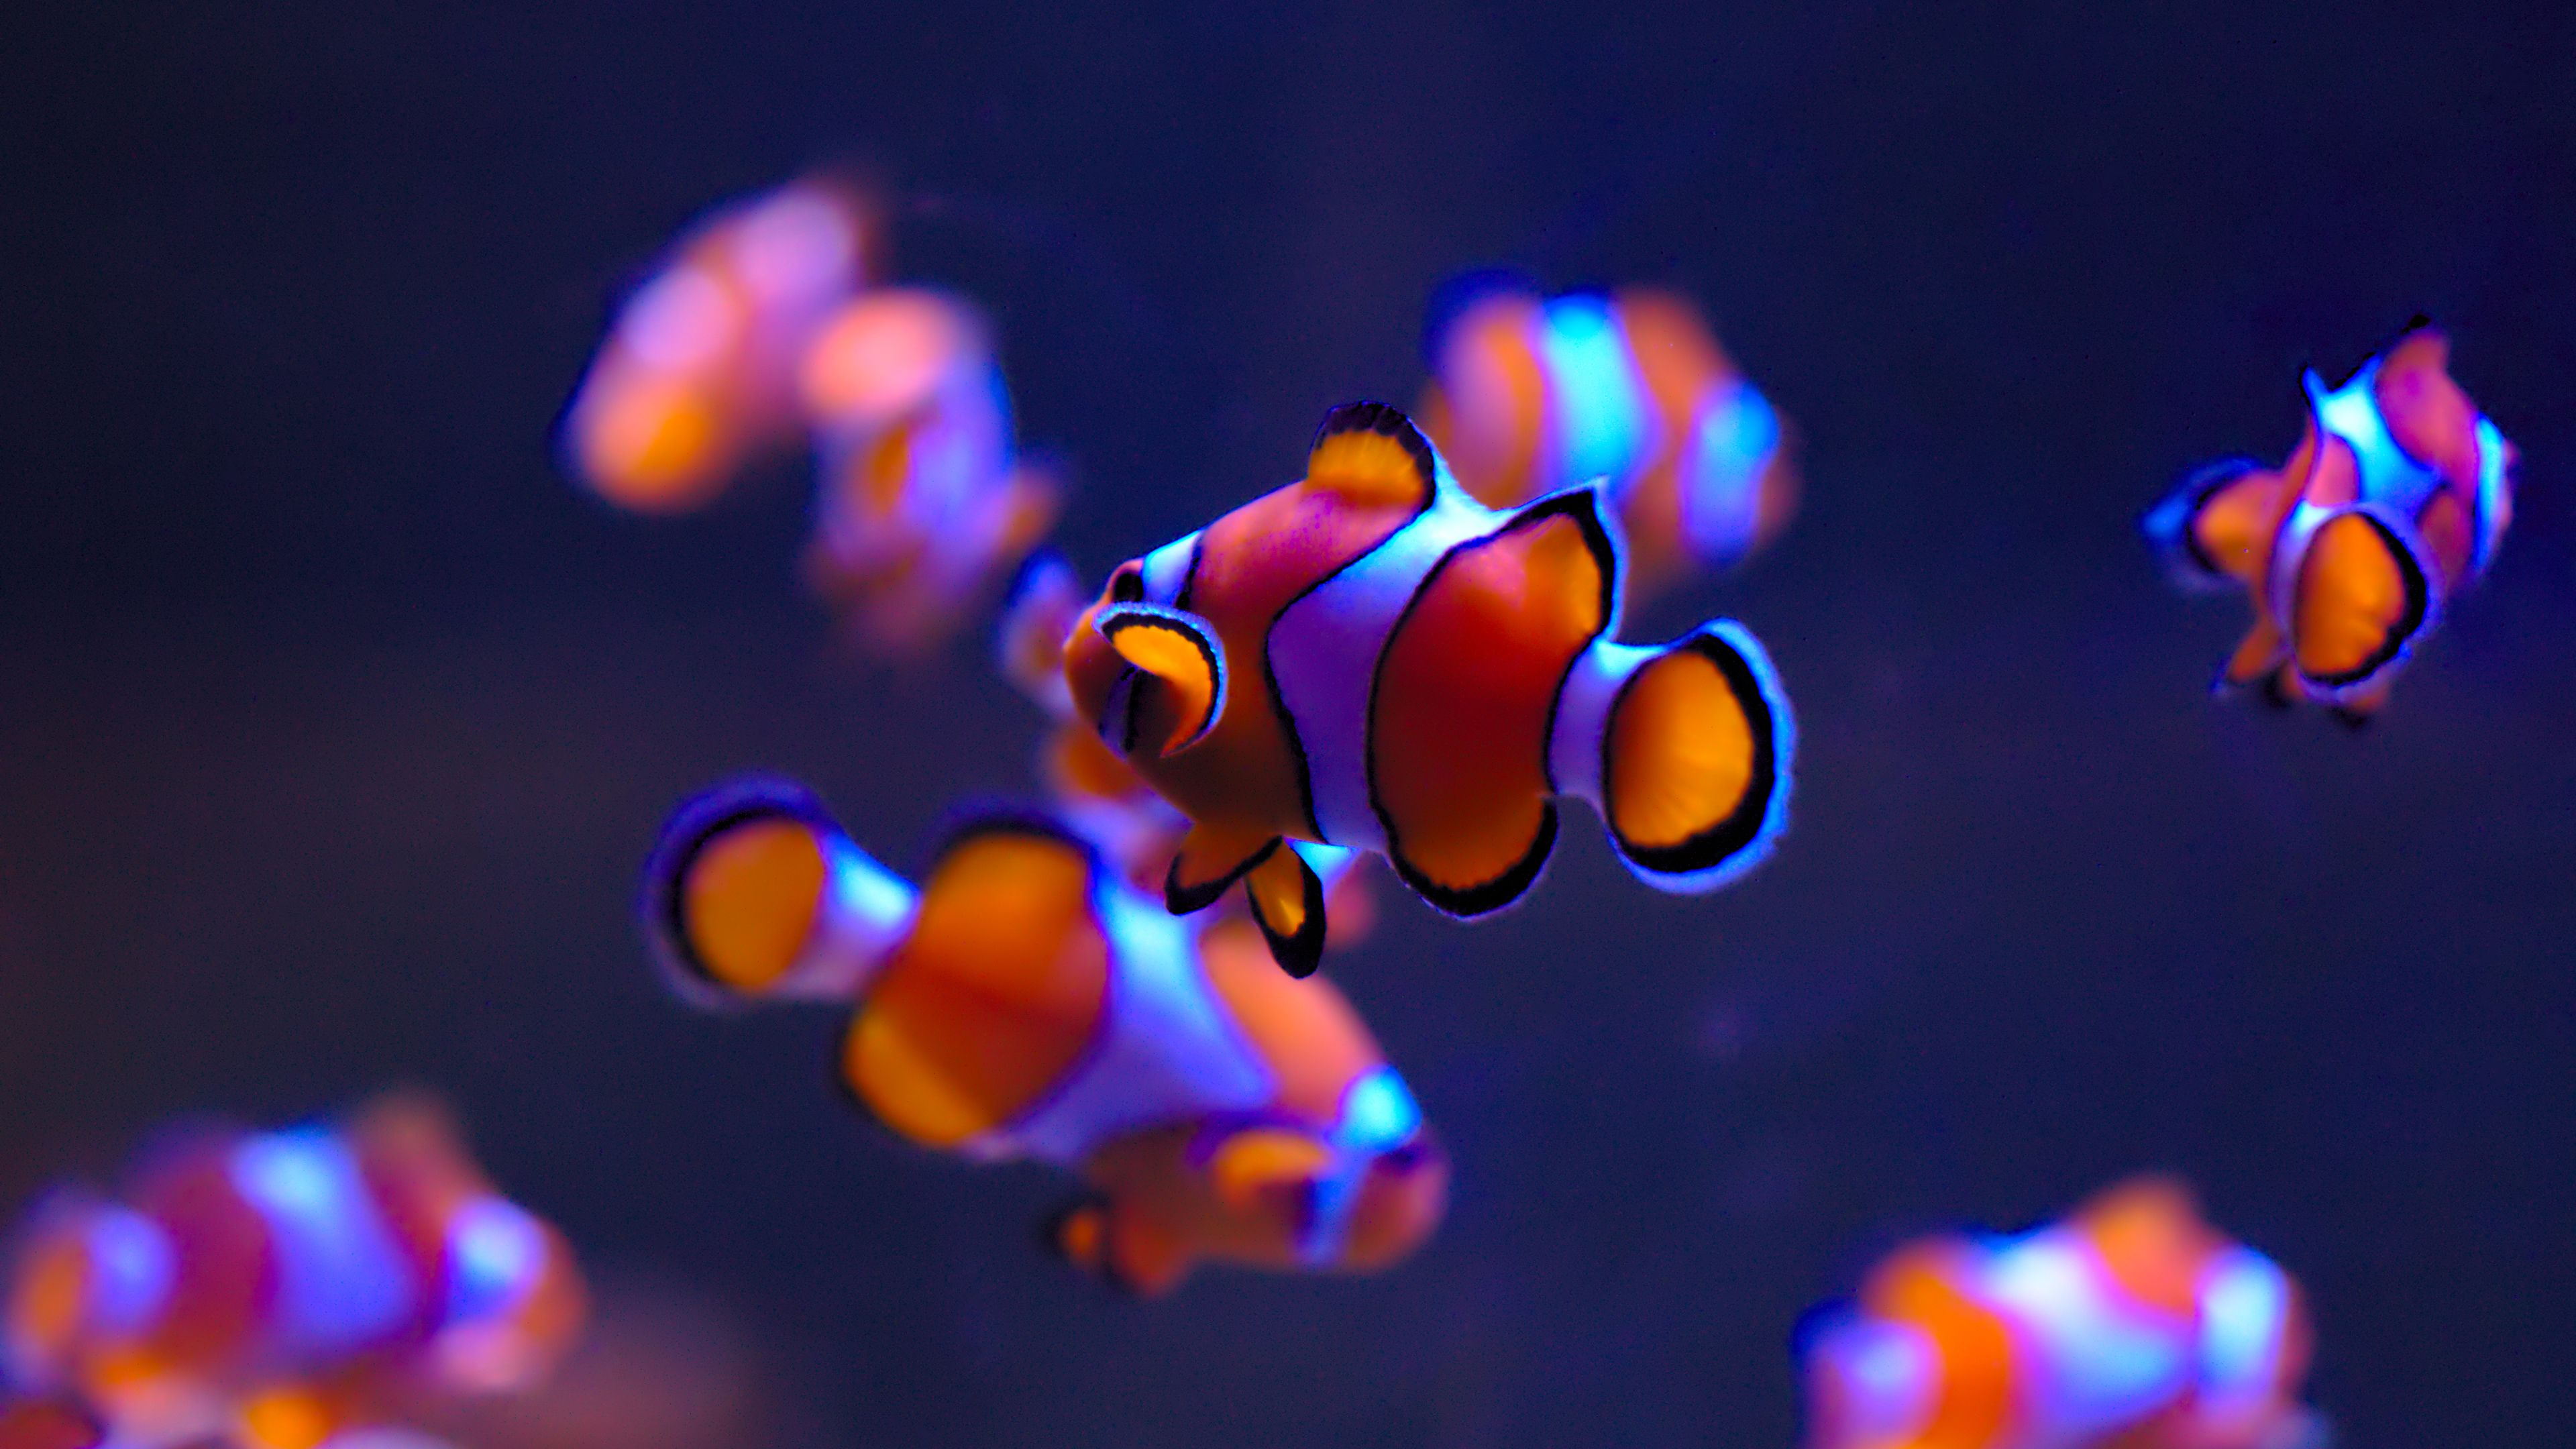 General 3840x2160 Ultra Hd Fish Clownfish Underwater Fish Wallpaper Clown Fish Animal Wallpaper